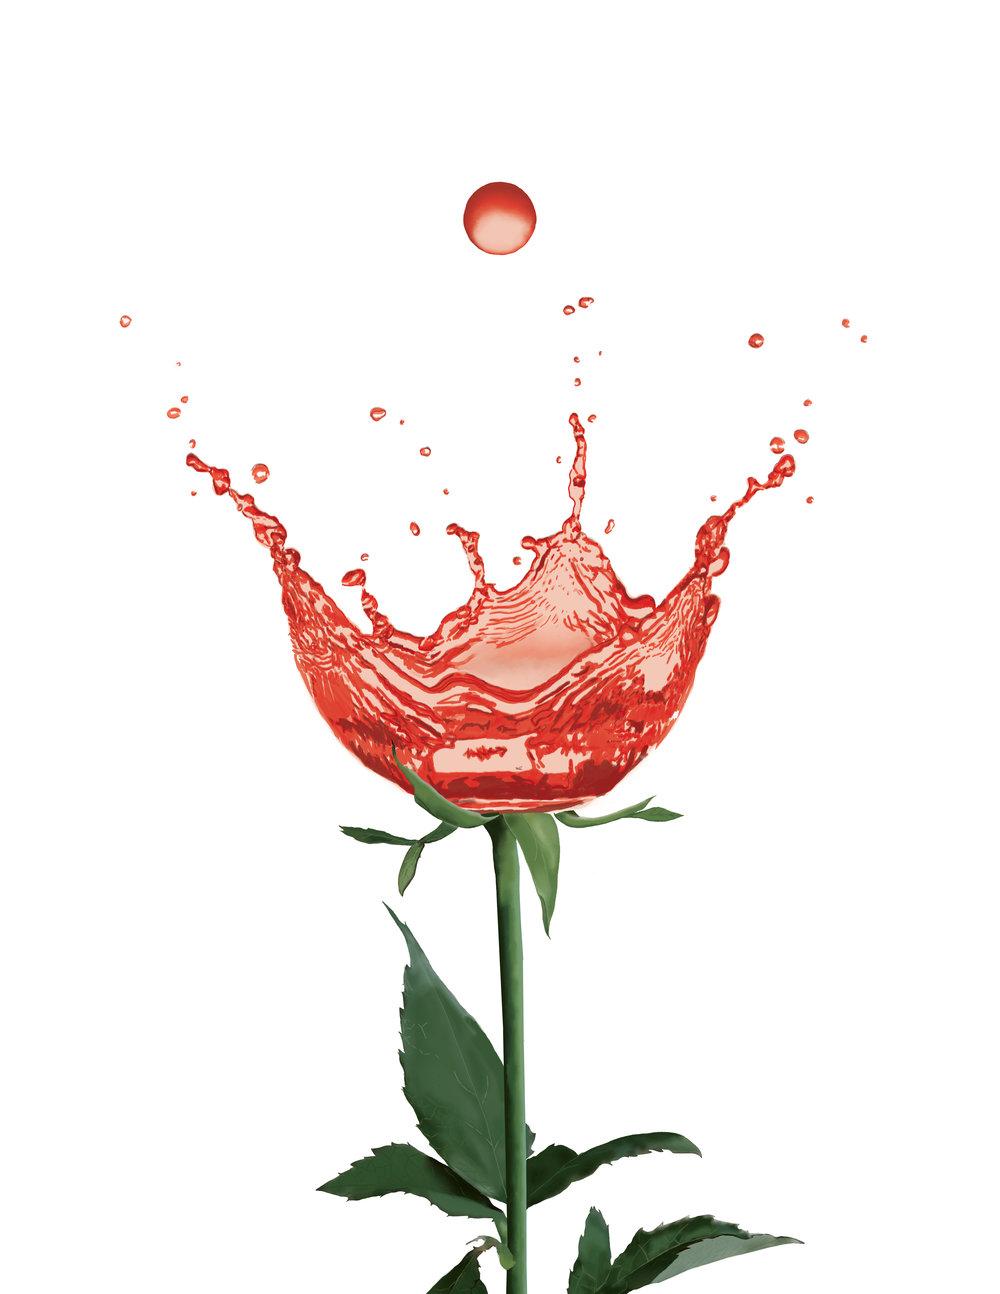 rosefinal.jpg